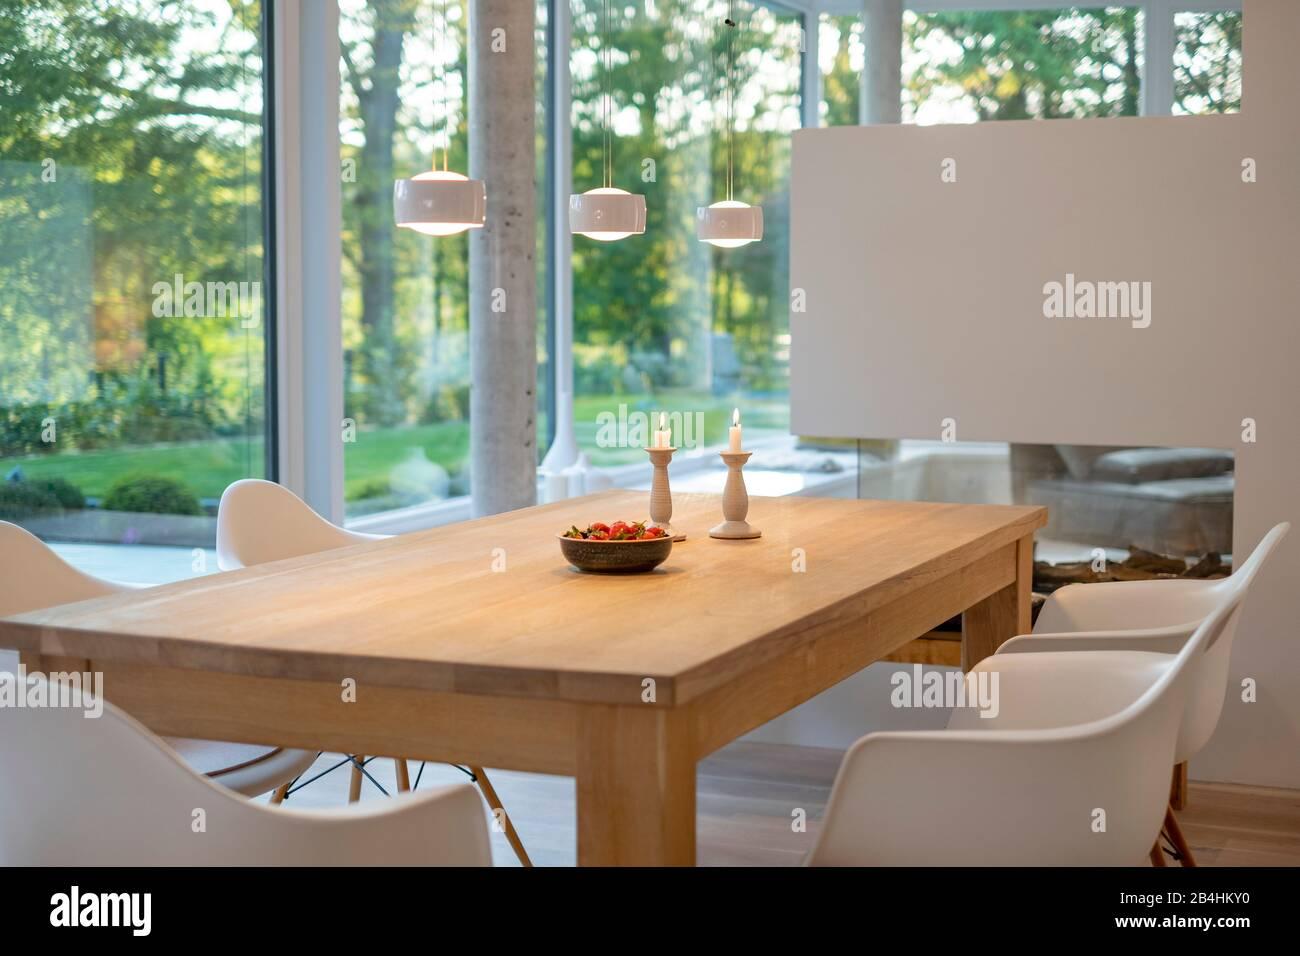 Esstisch im Wohnbereich eines modernen Einfamilienhauses Stock Photo